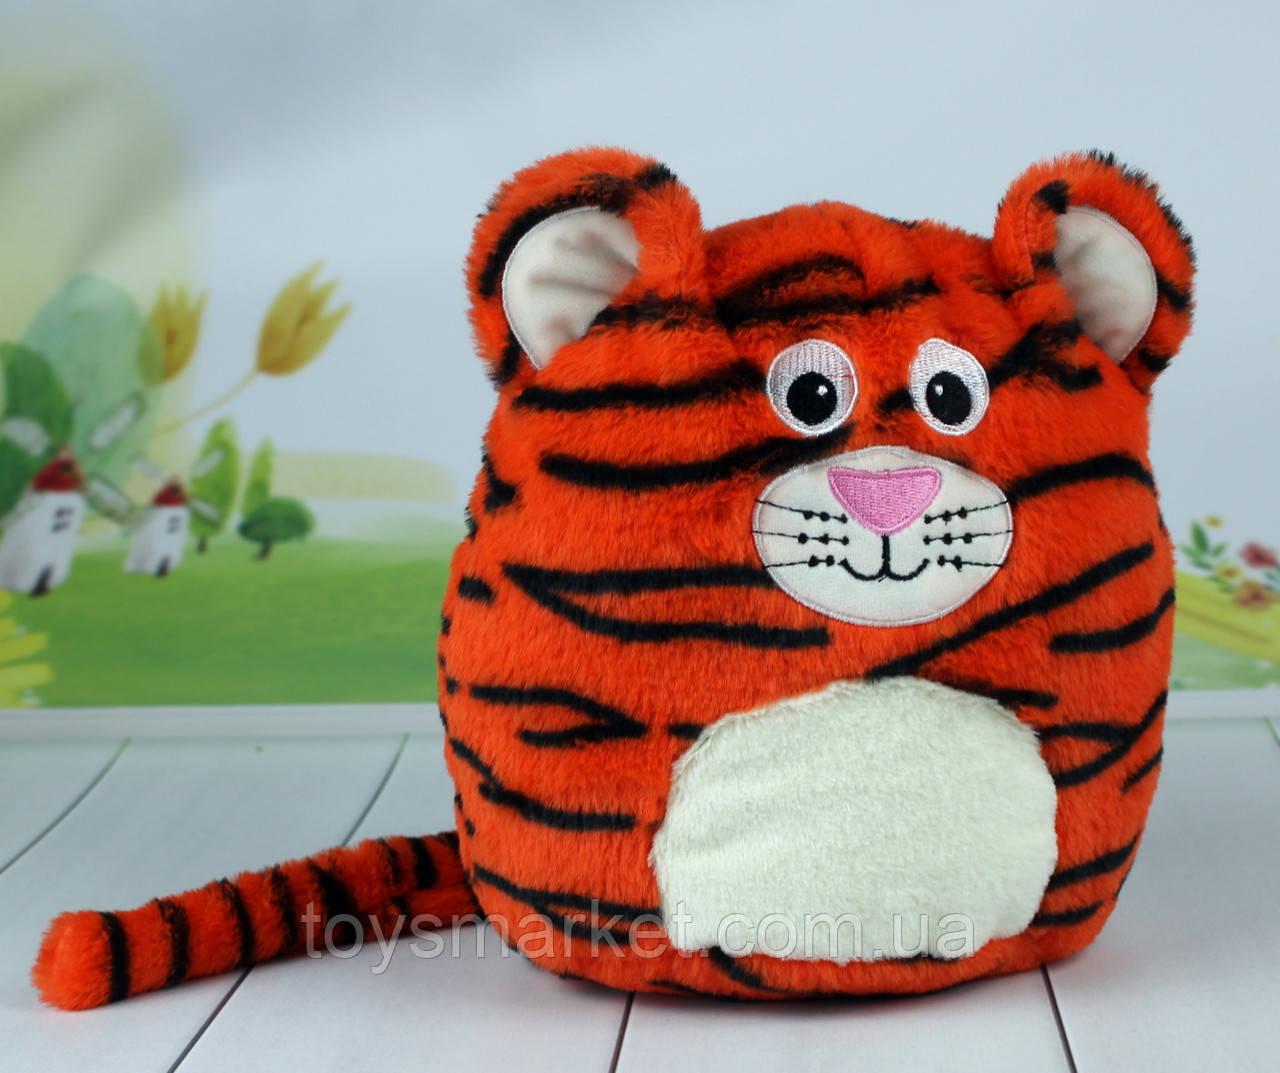 М'яка іграшка Тигр з молниней.